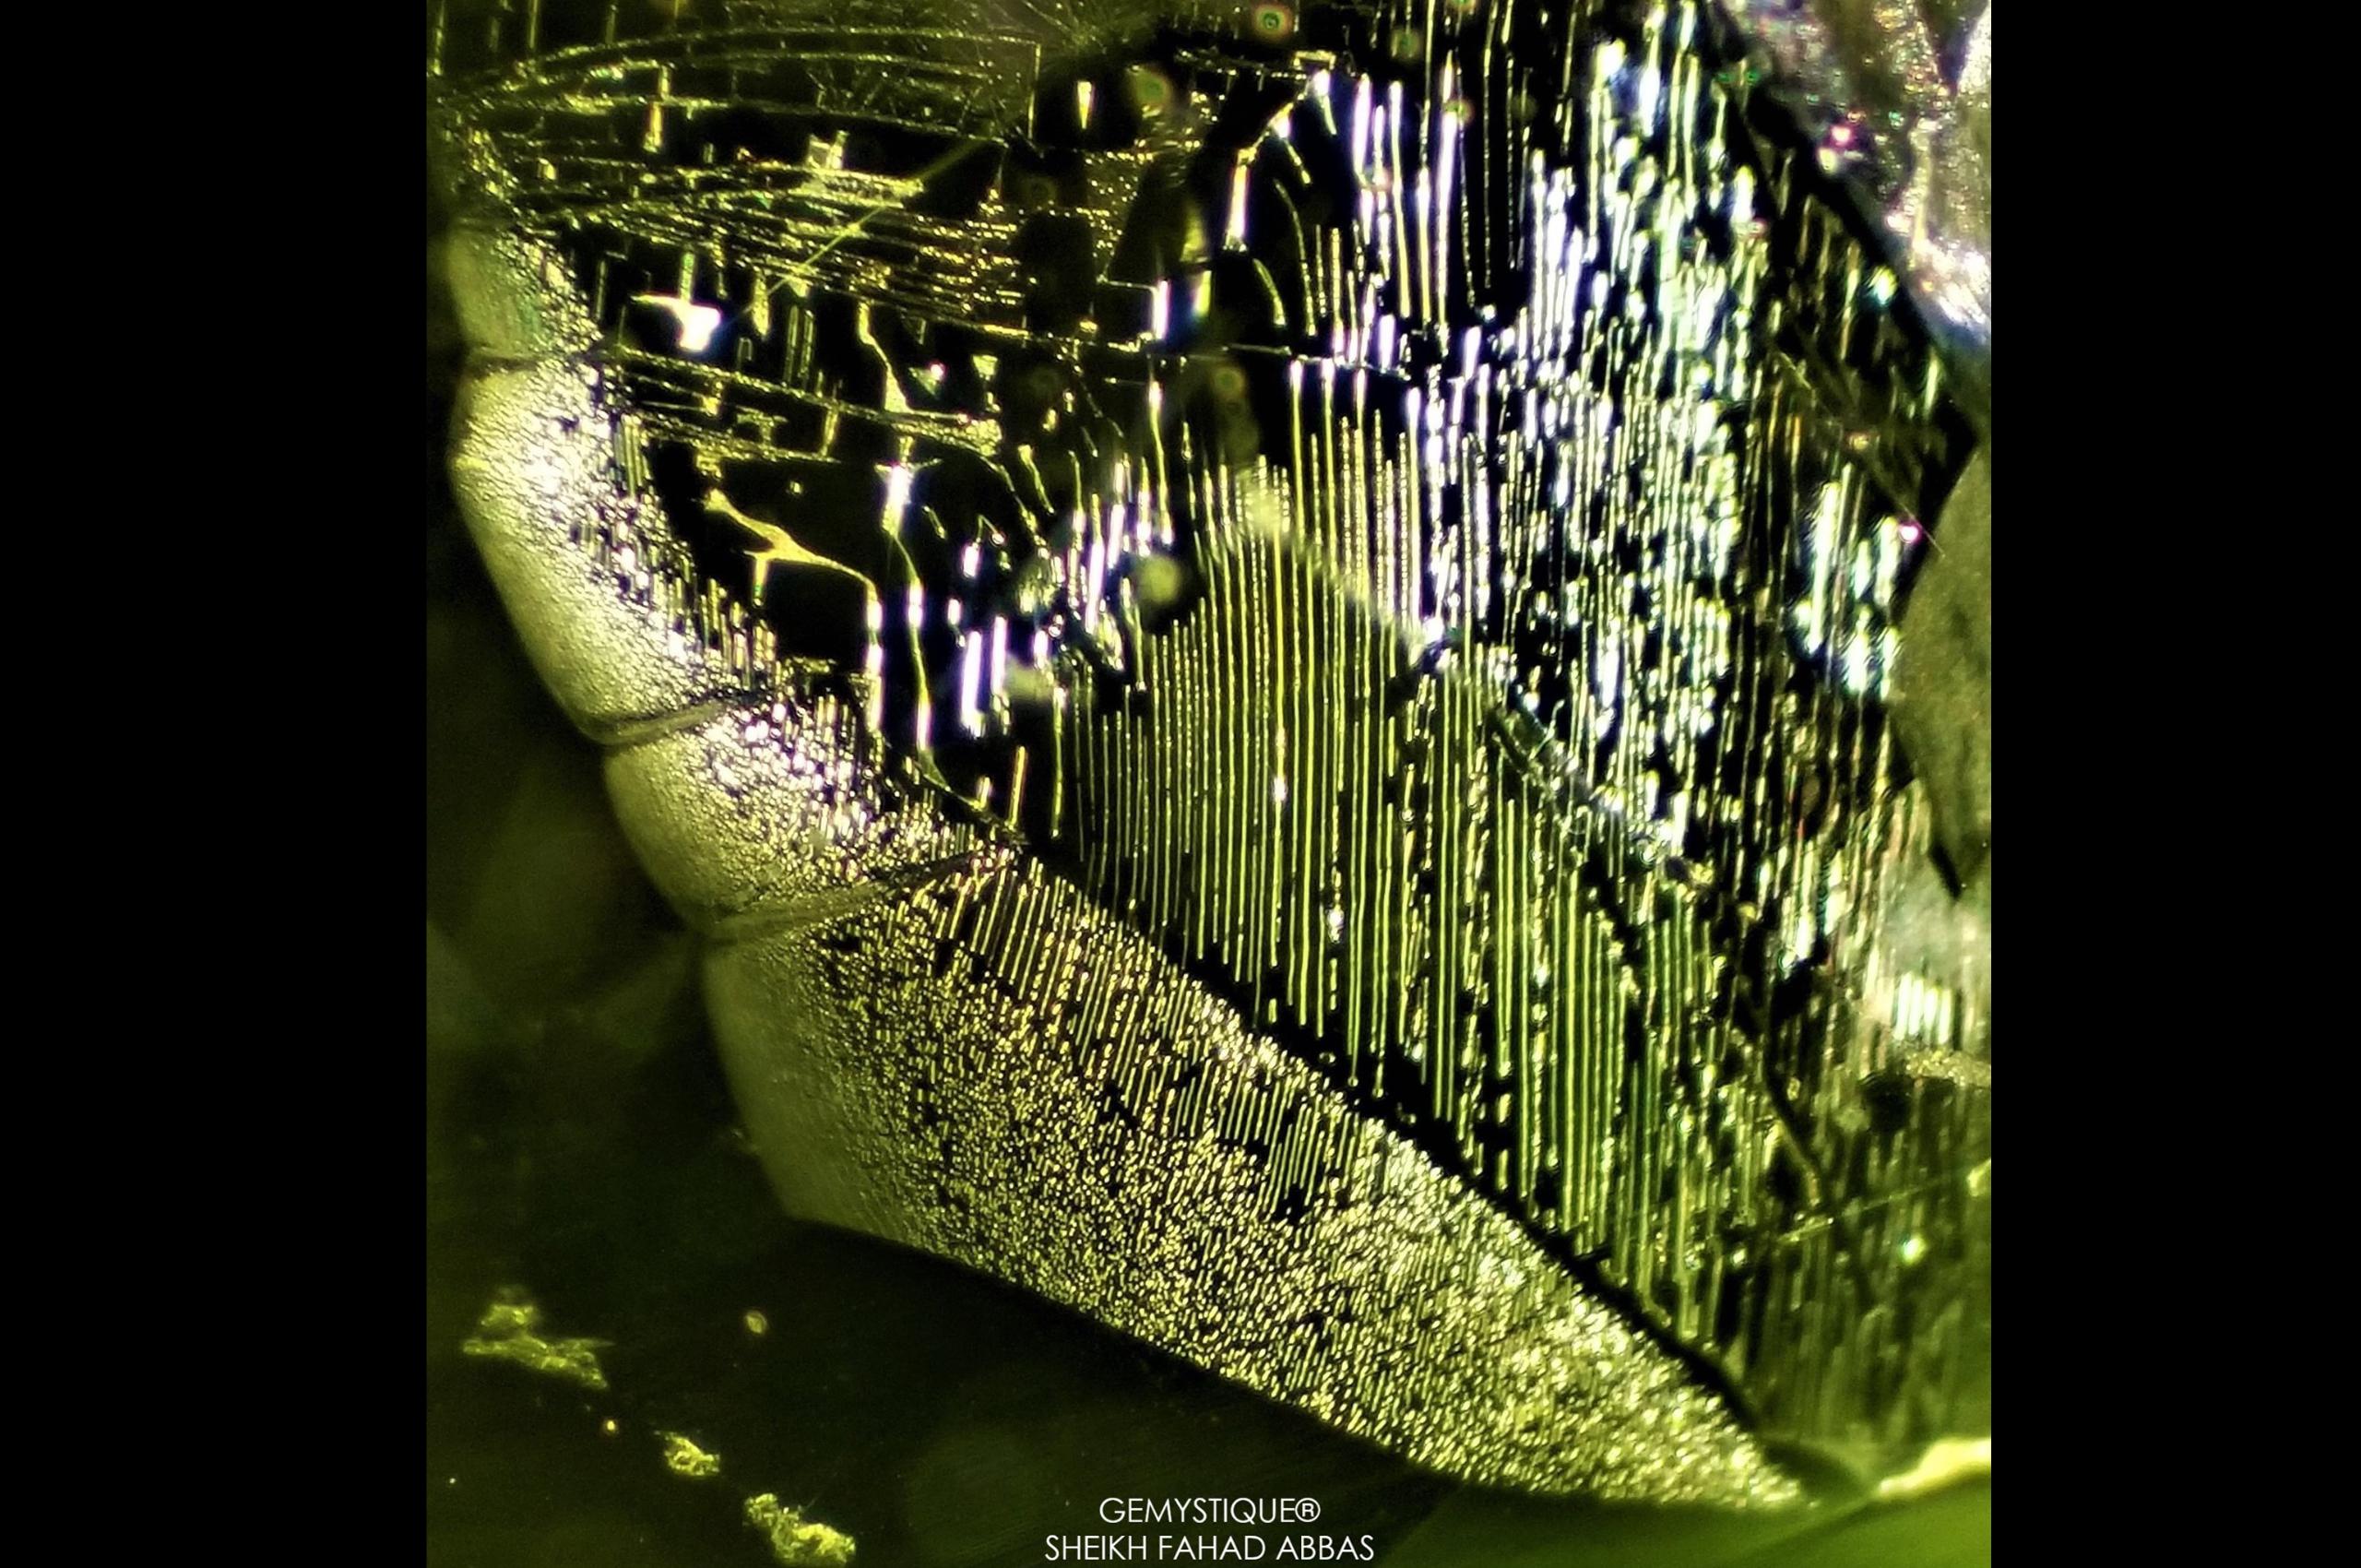 Liquid inclusion in Peridot. Photo by Sheikh Fahad Abbas